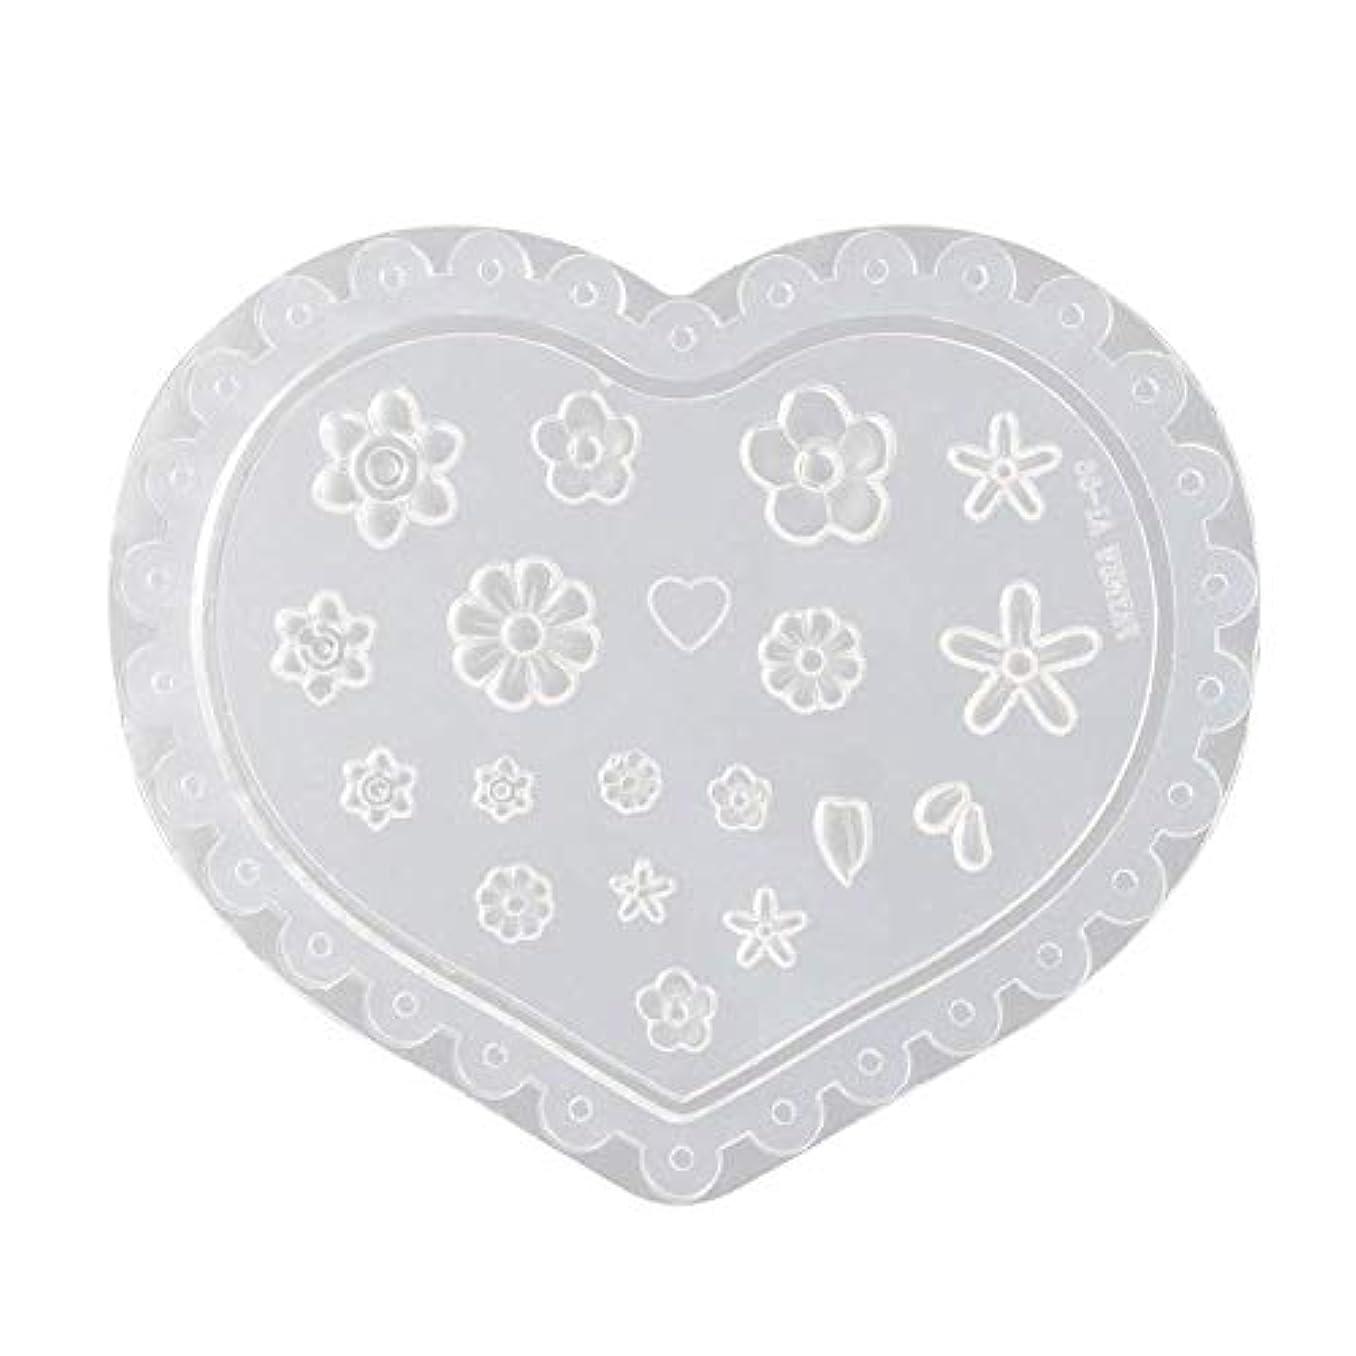 意味するあたたかいボウルcoraly 3Dシリコンモールド ネイル 葉 花 抜き型 3Dネイル用 レジンモールド UVレジン ネイルパーツ ジェル ネイル セット アクセサリー パーツ 作成 (1)